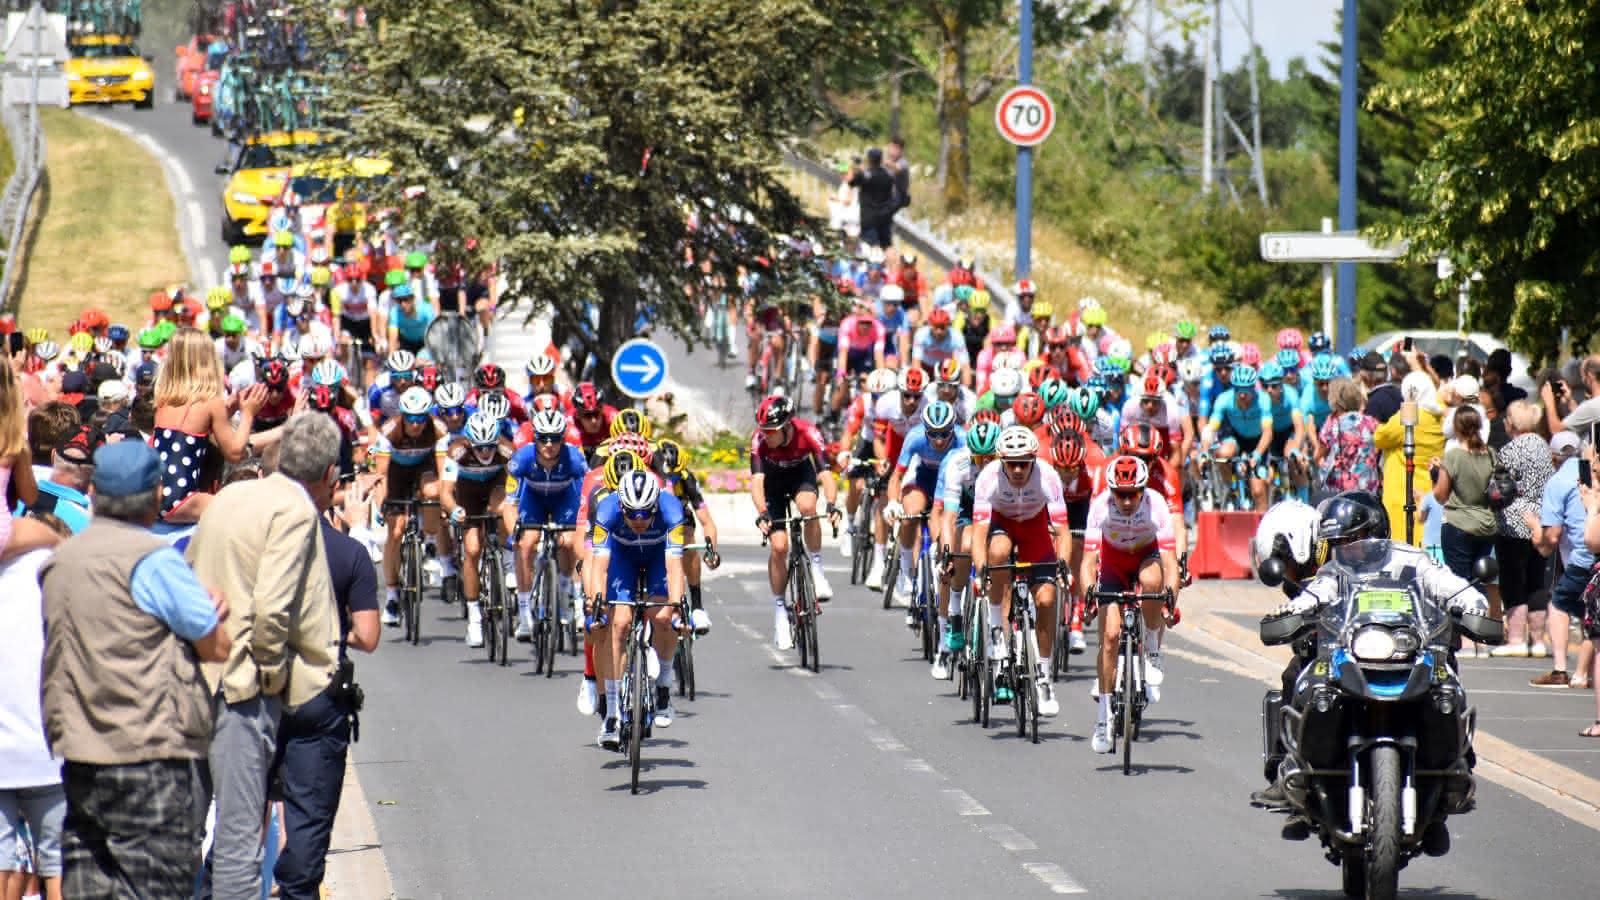 Tour de France - Image par Mrdidg de Pixabay